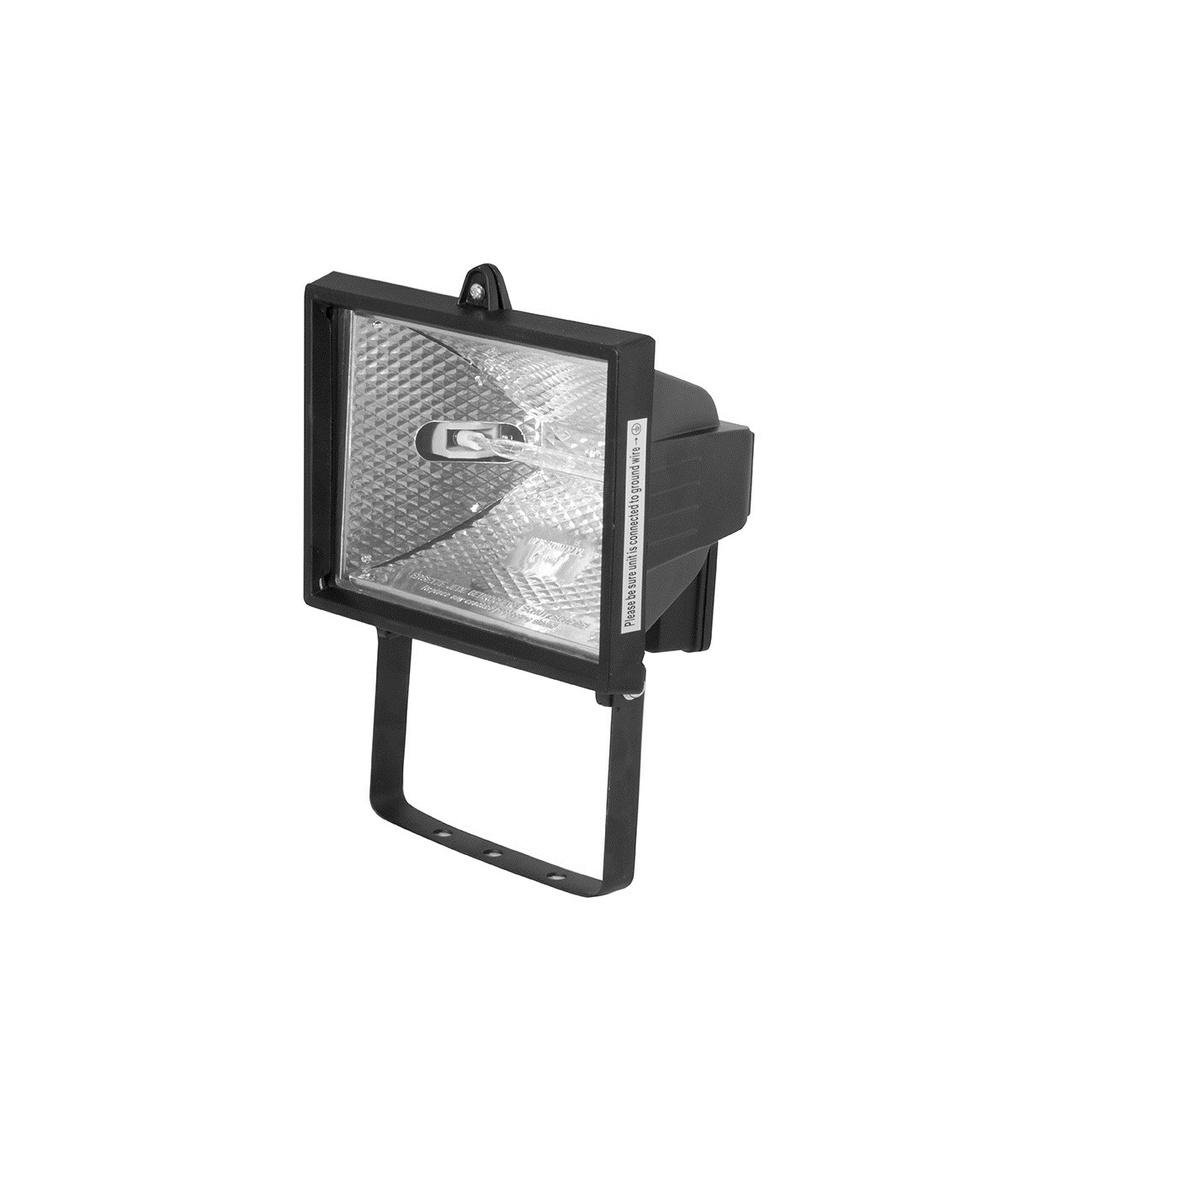 VANA vonkajšie reflektorové svetlo 500W, čierna, Panlux